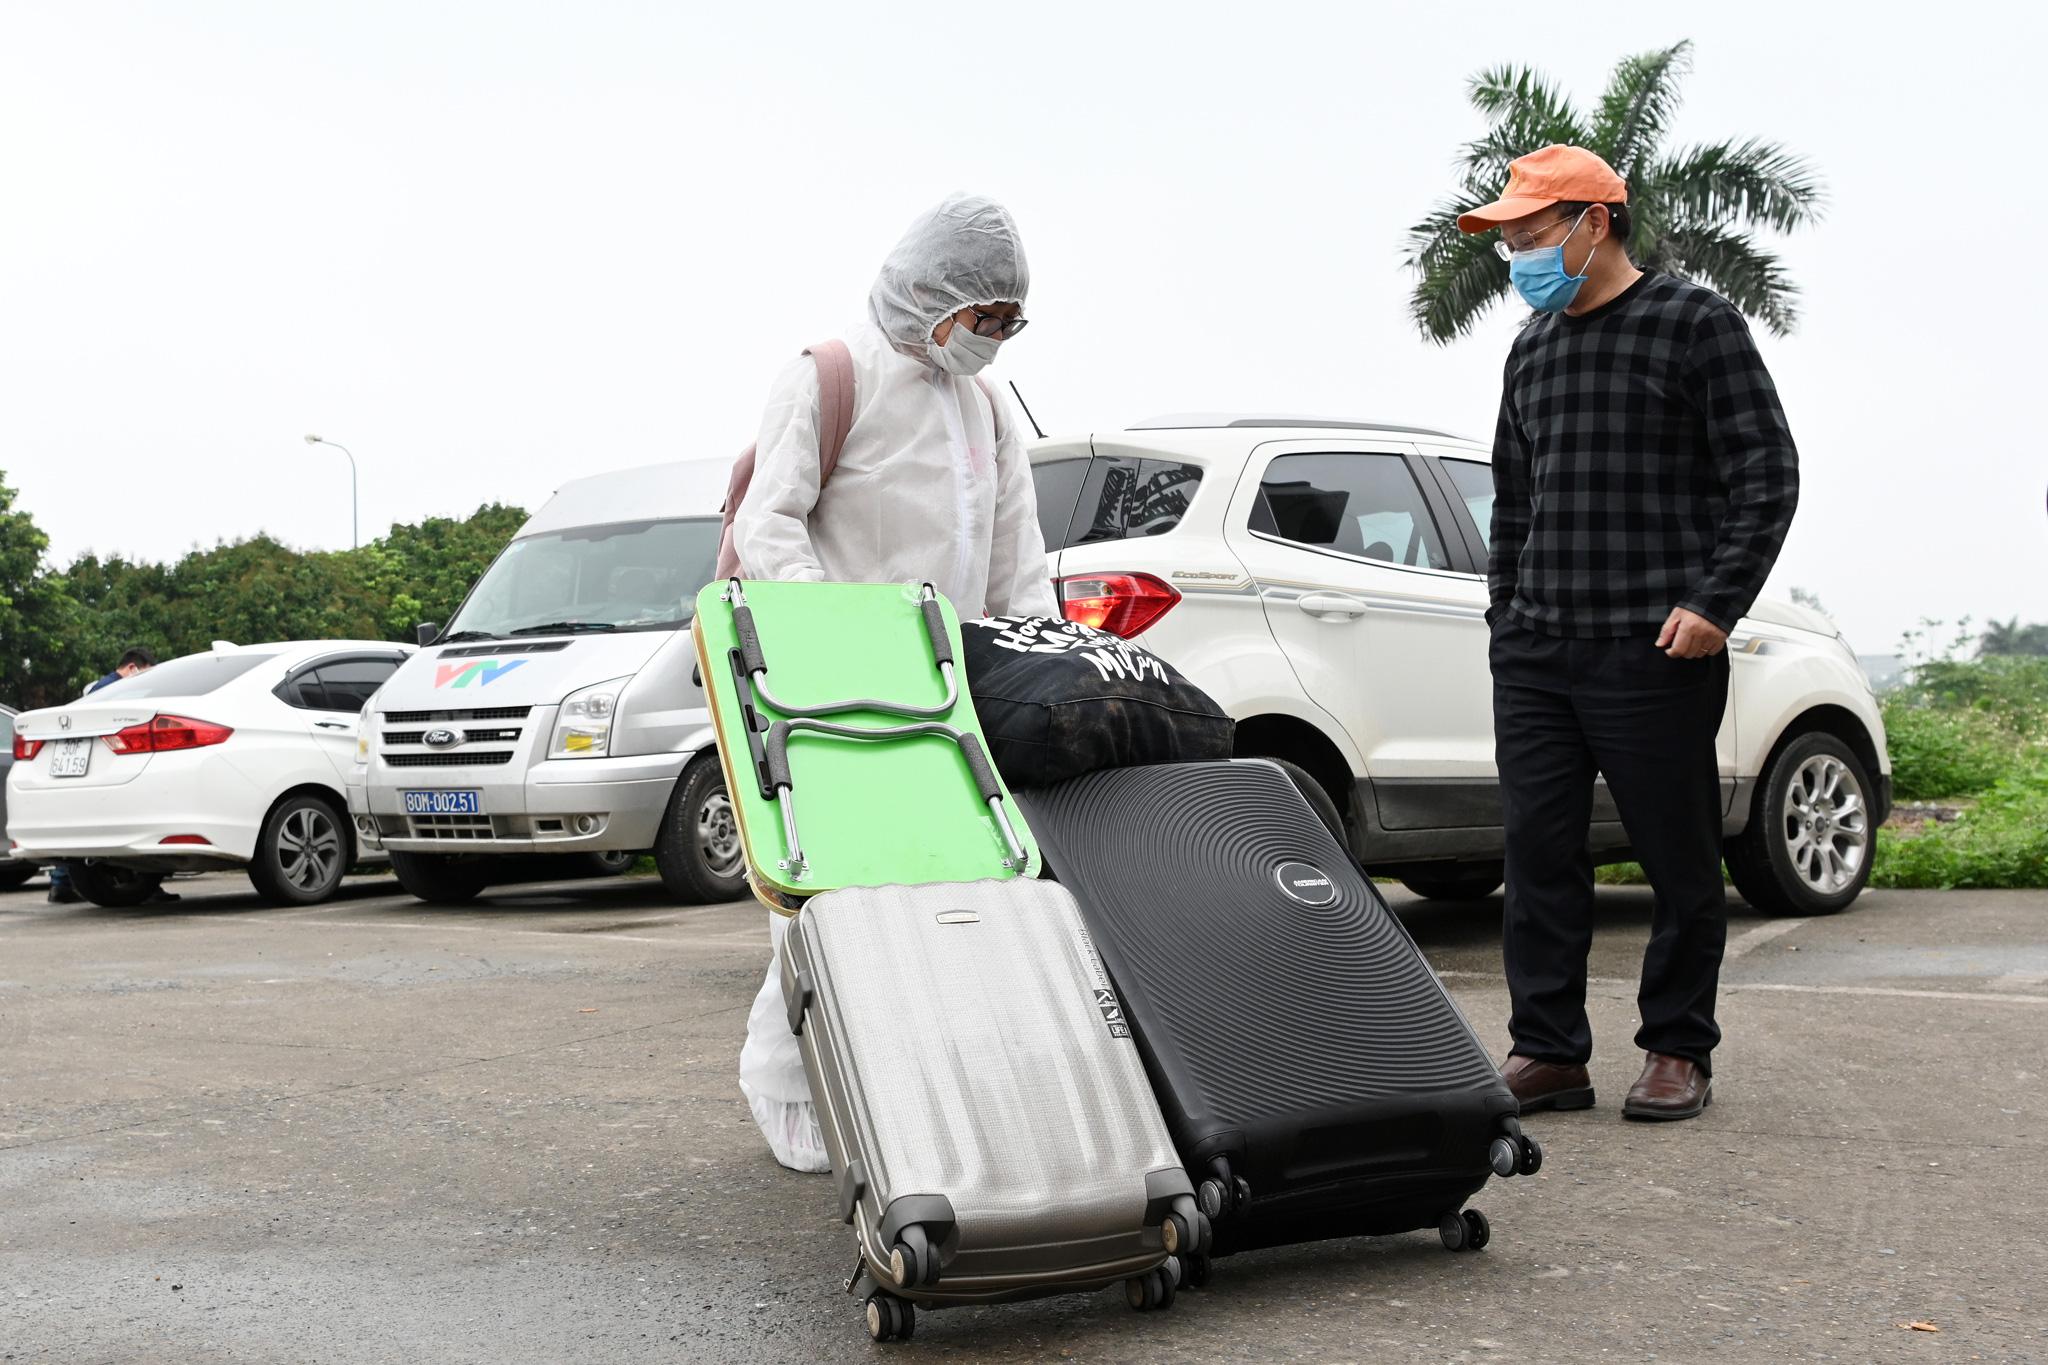 Bệnh nhân người Pháp vỗ tay không ngớt bày tỏ cảm ơn, khen ngợi bác sĩ Việt Nam trong ngày ra viện - Ảnh 8.